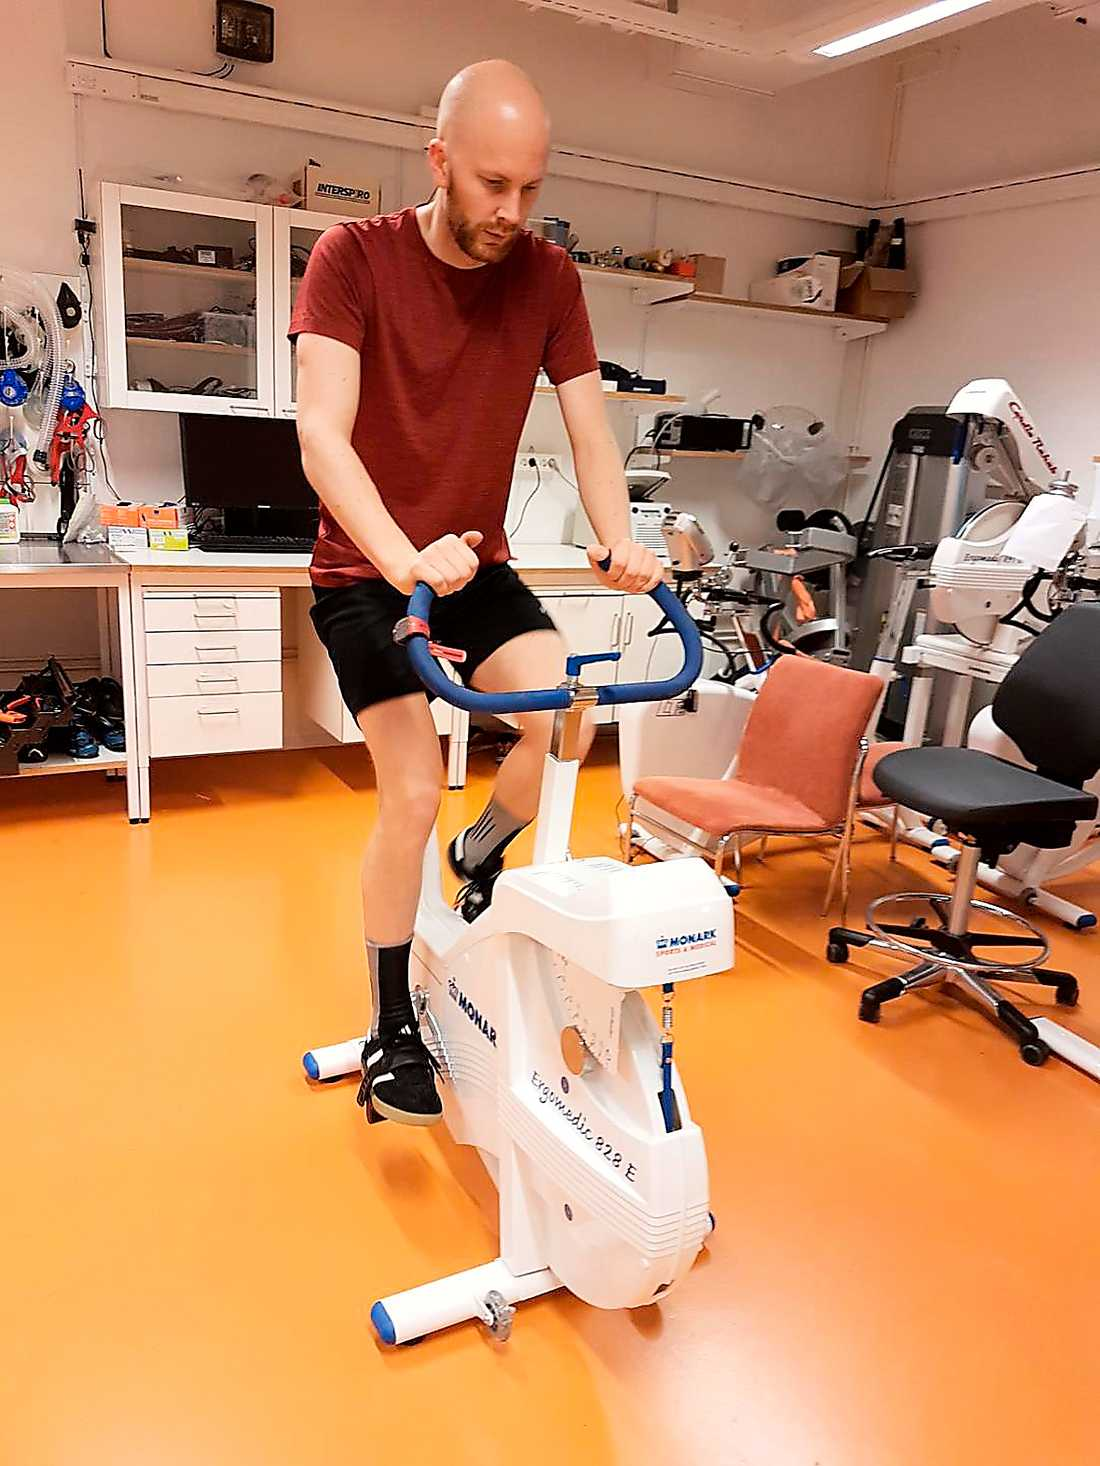 Kristoffer Bergström testar sin kondition under översyn av Elin Ekblom Bak, högskolelektor i idrottsvetenskap på GIH.